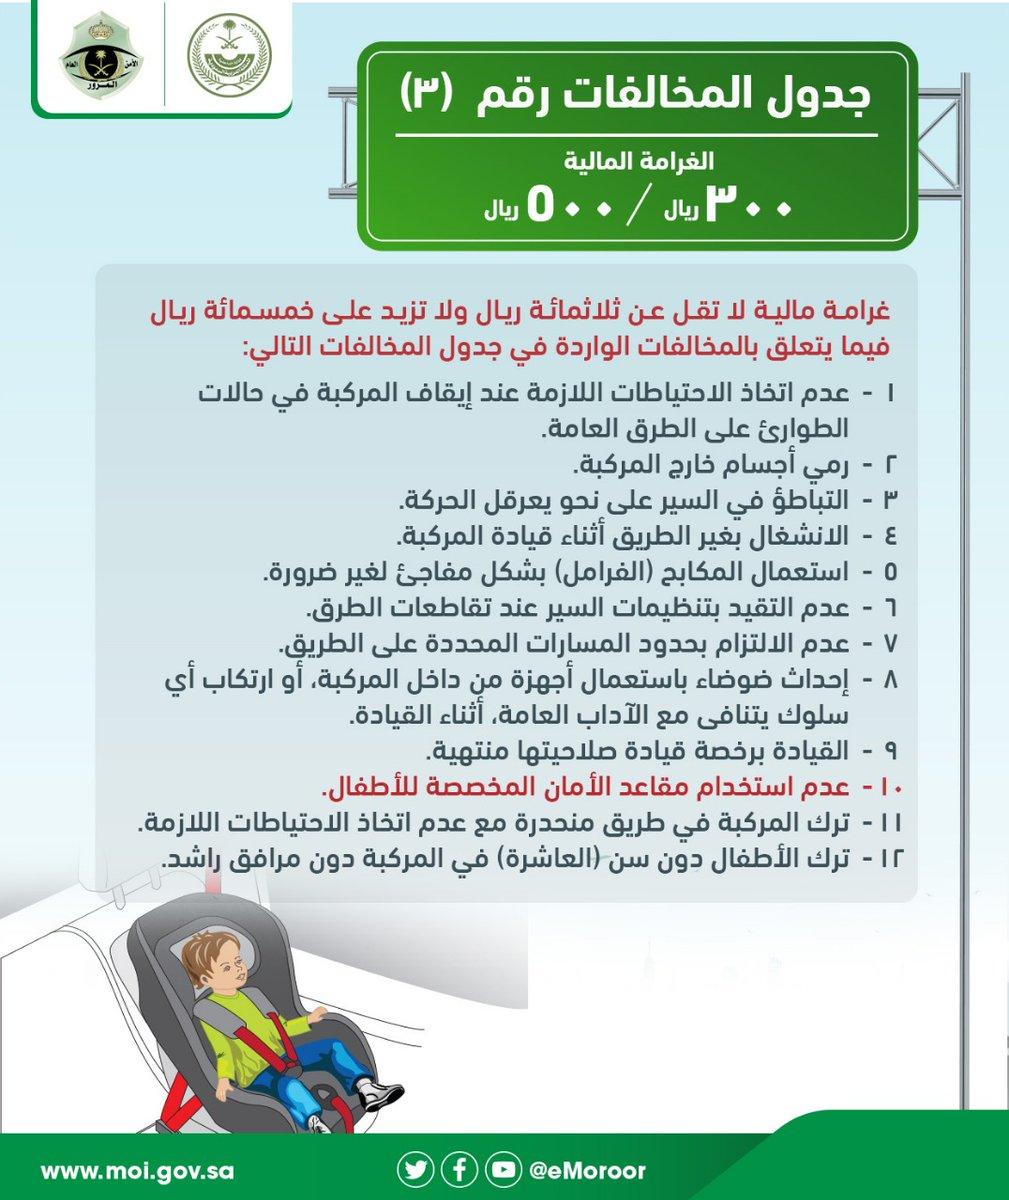 قائمة المخالفات لعام 2020 في السعودية سيارات سيدتي